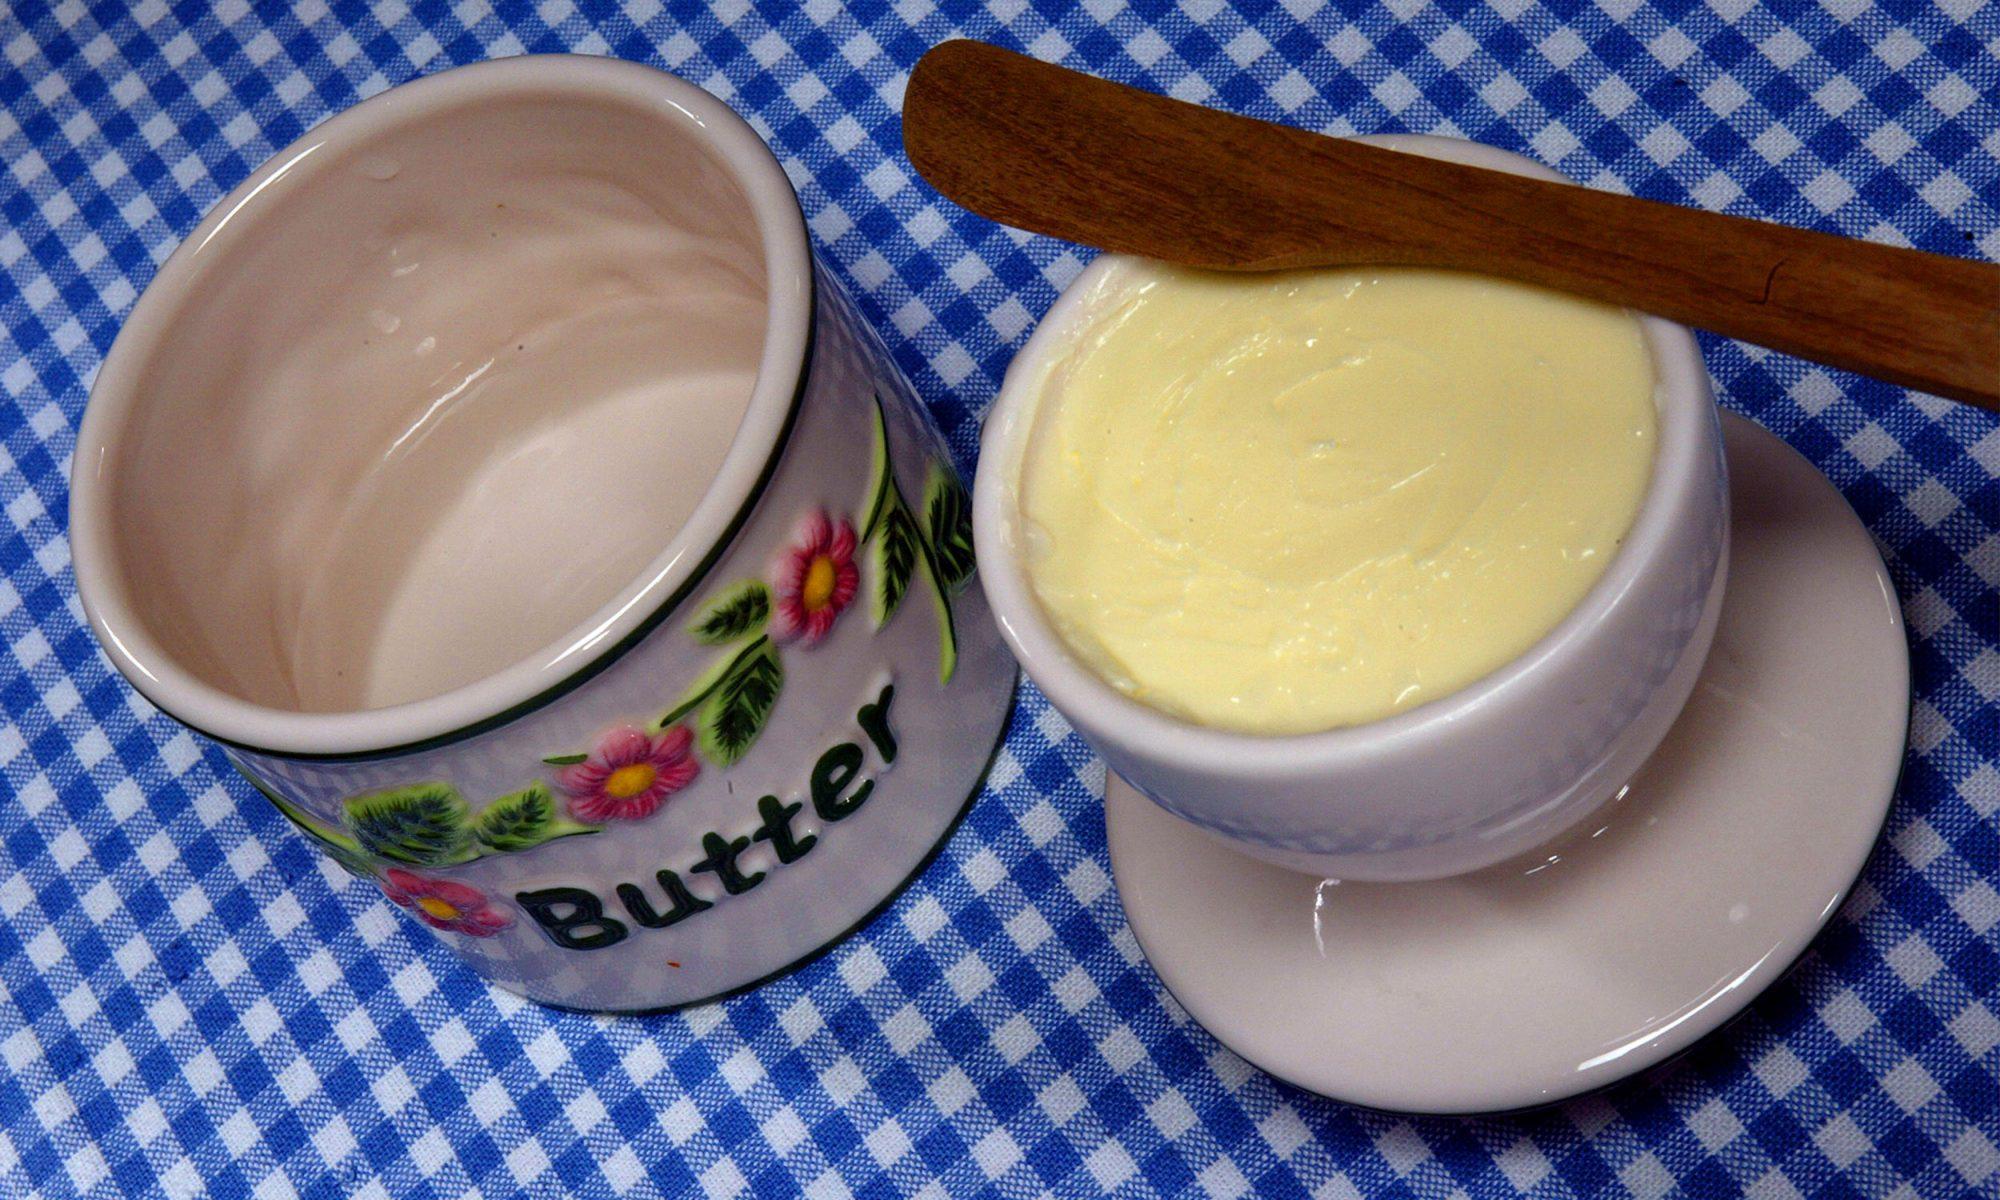 EC: A Butter Keeper Makes Everything Better